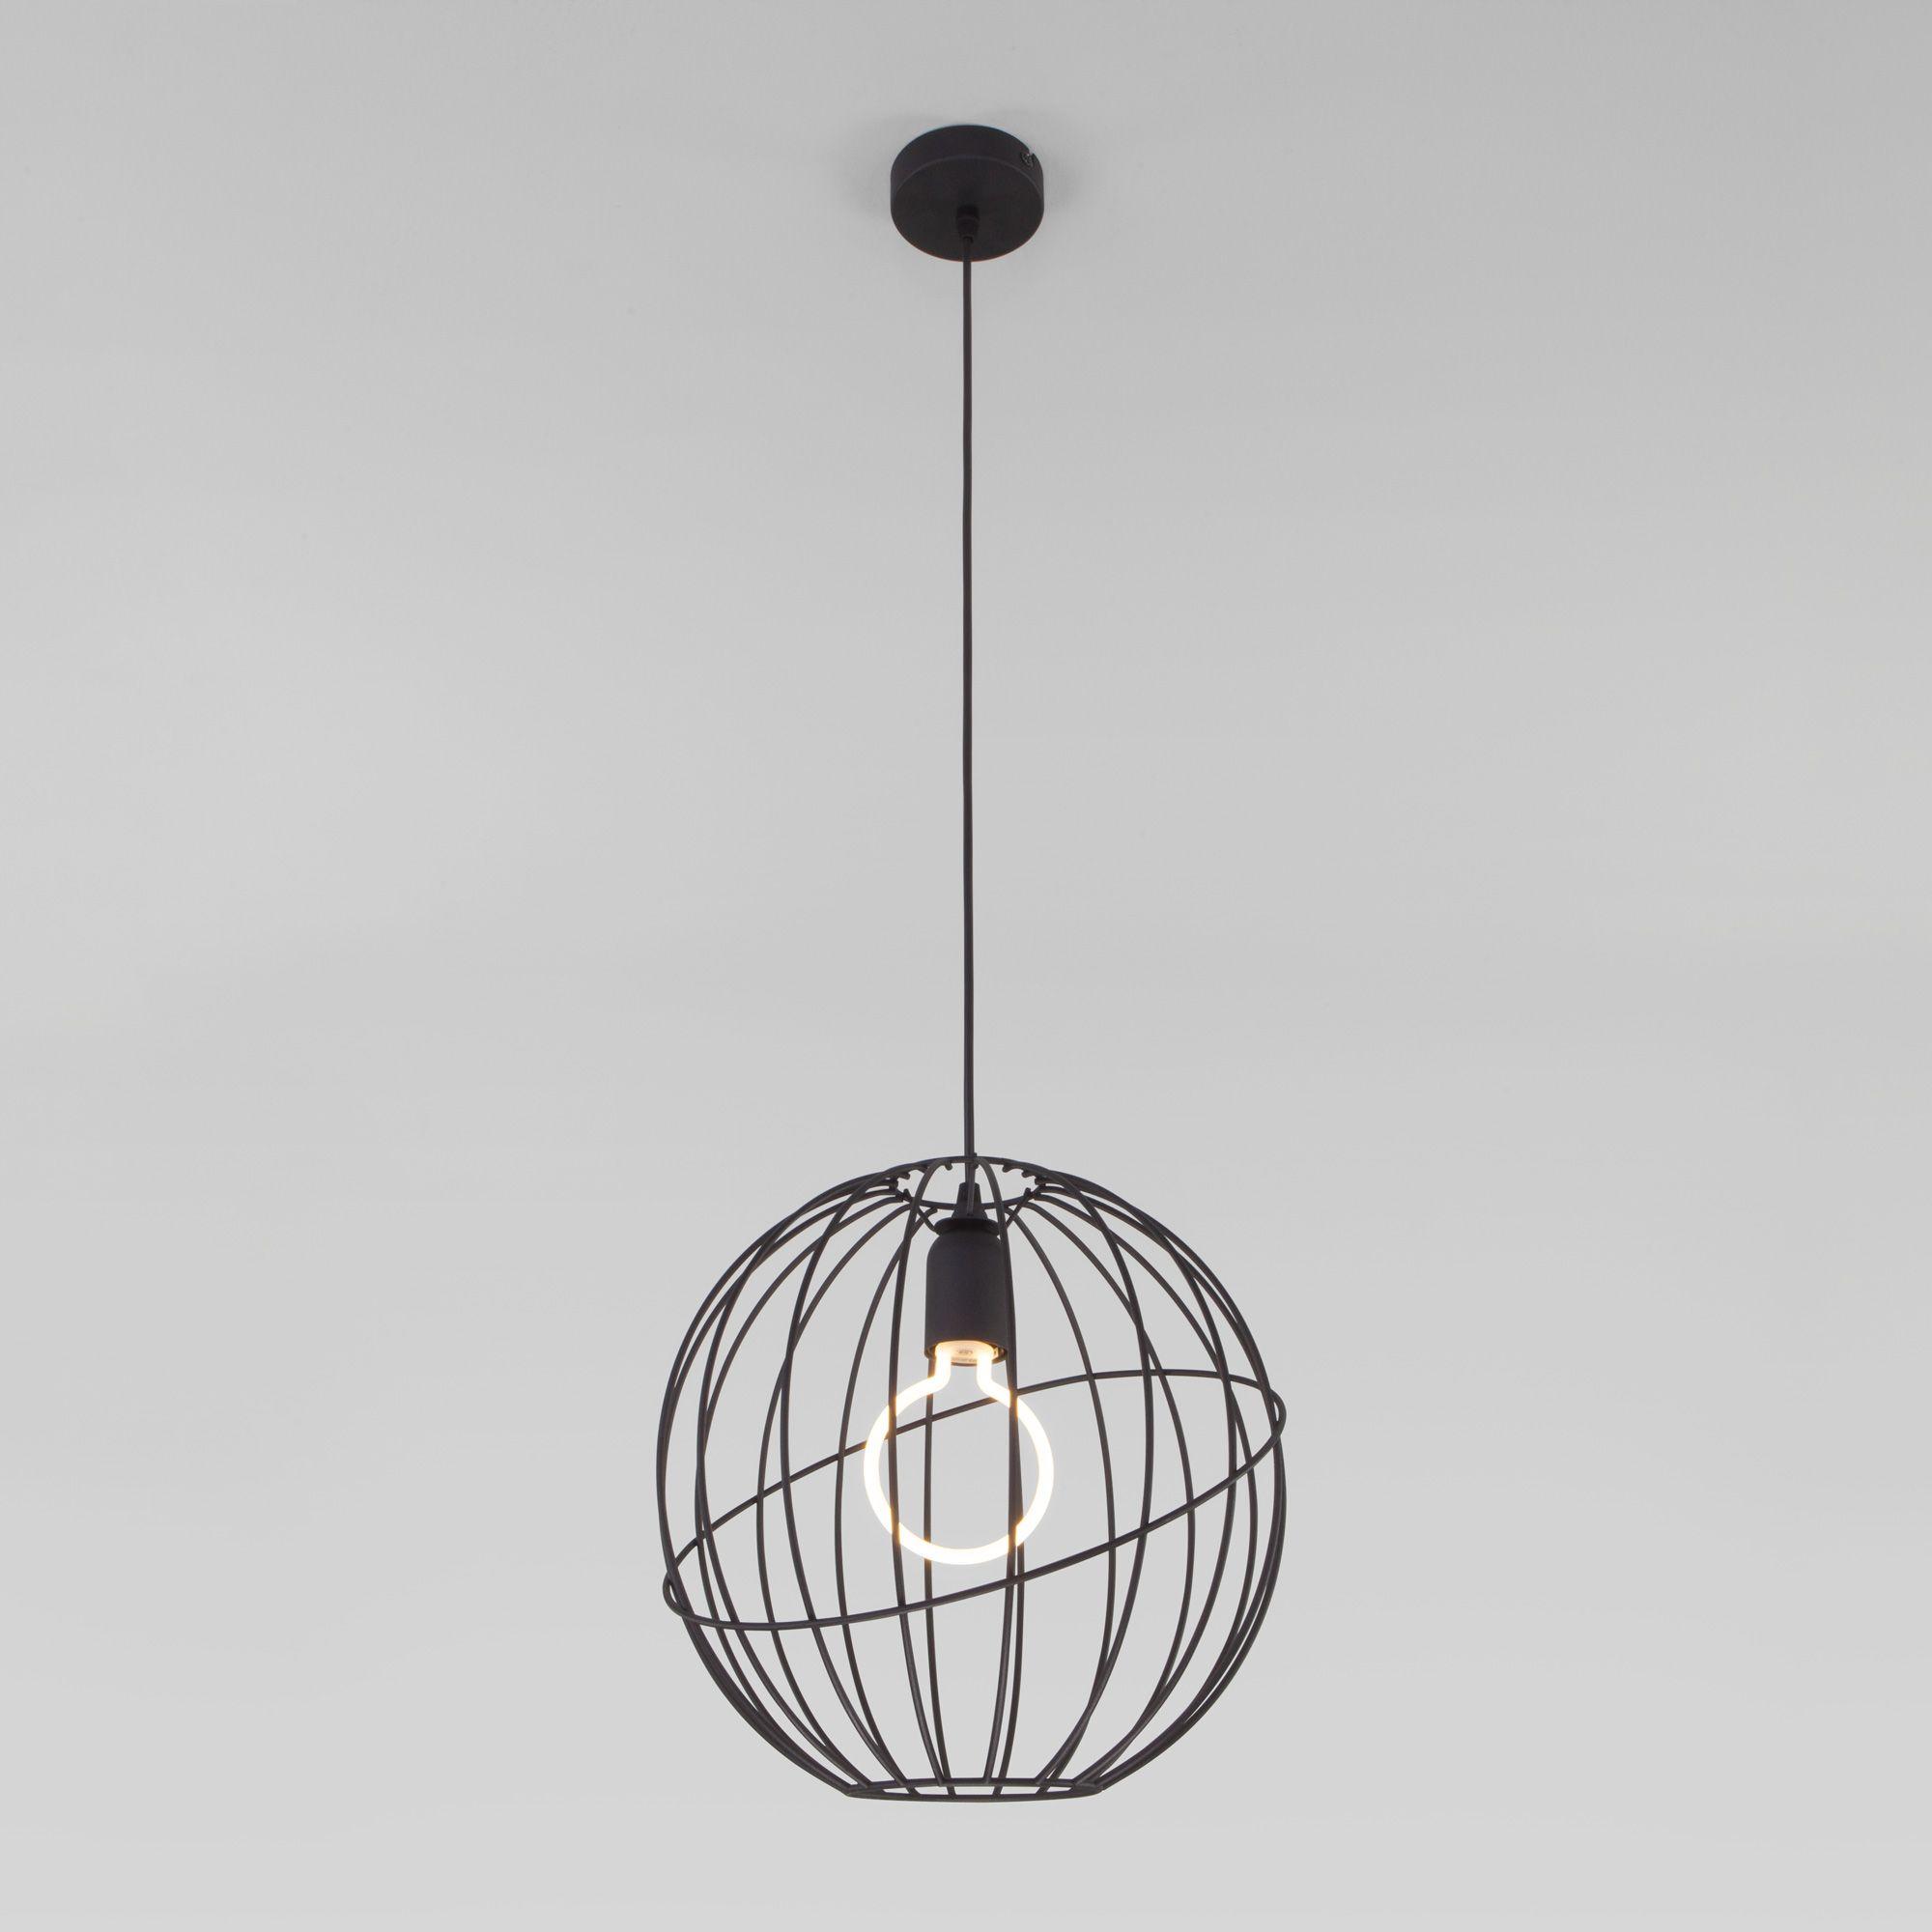 Подвесной светильник с плафоном в стиле лофт 1626 Orbita Black